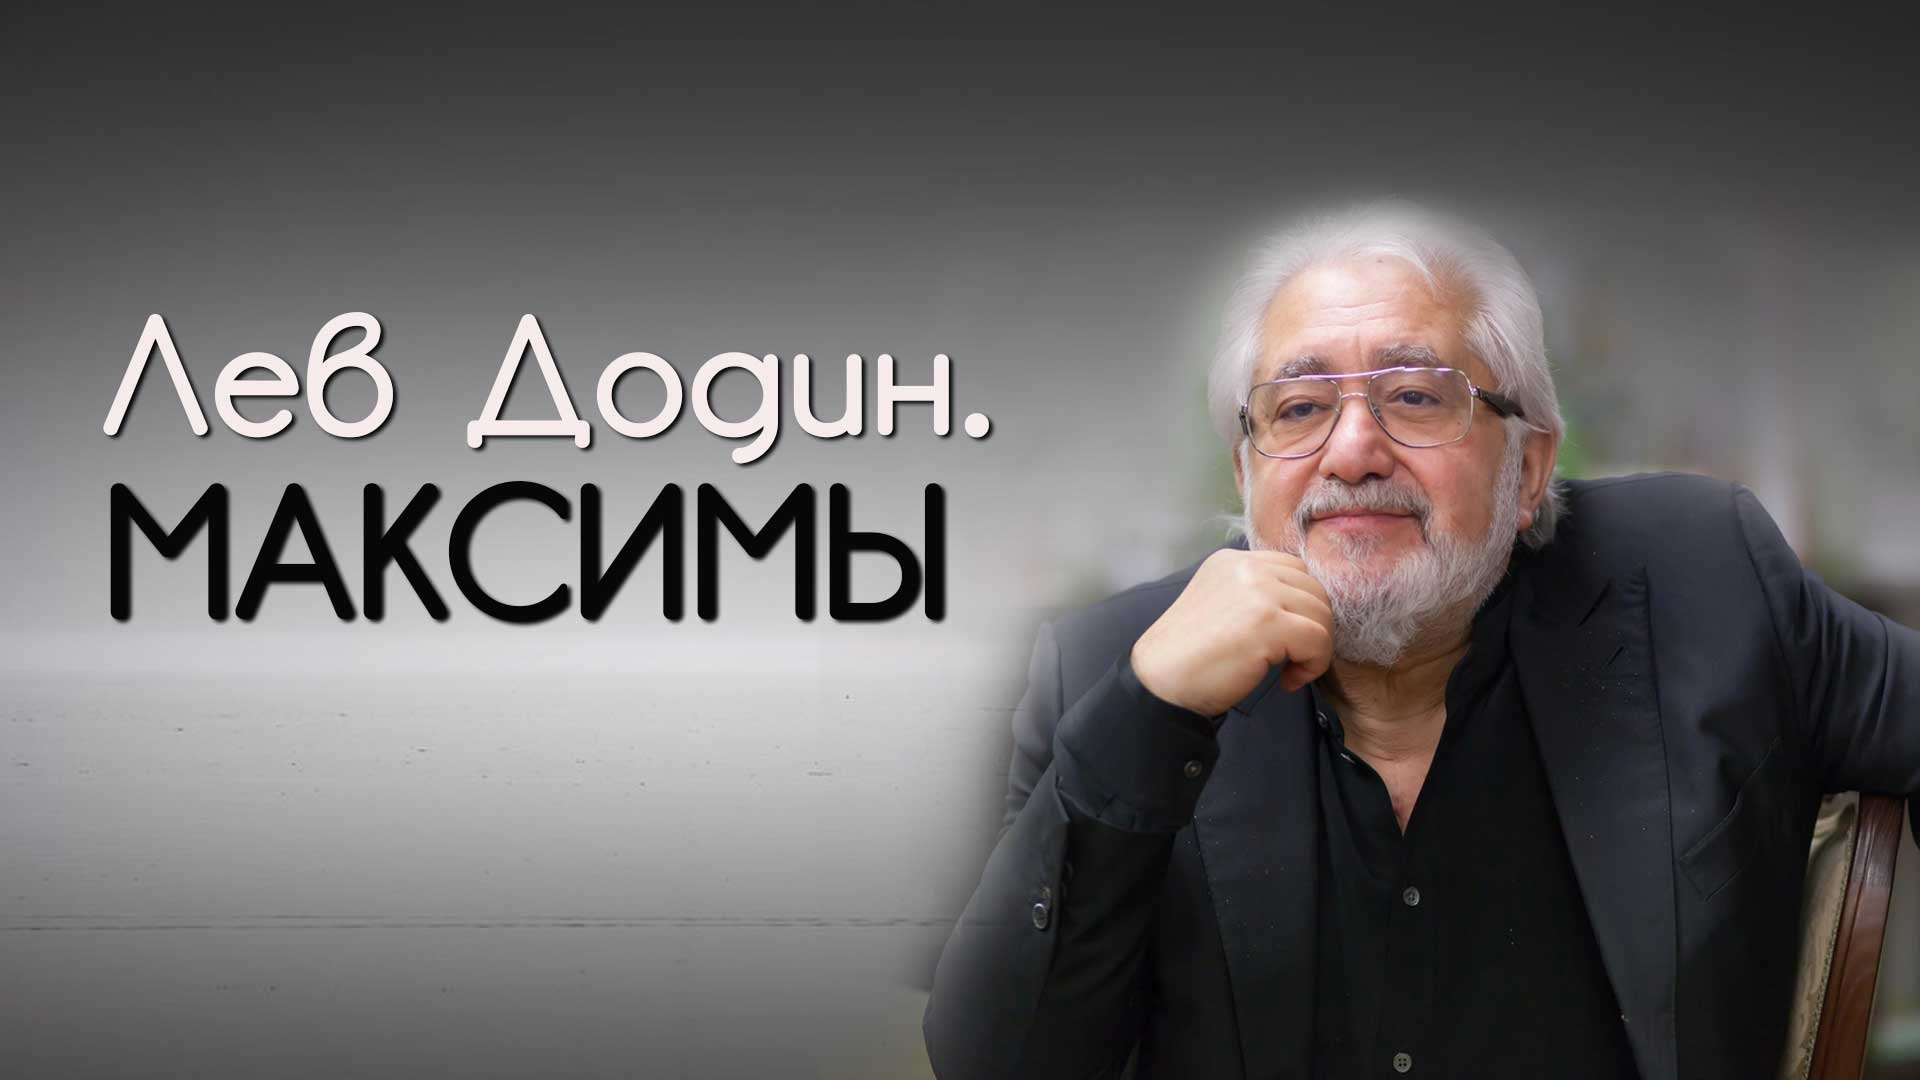 Лев Додин. Максимы